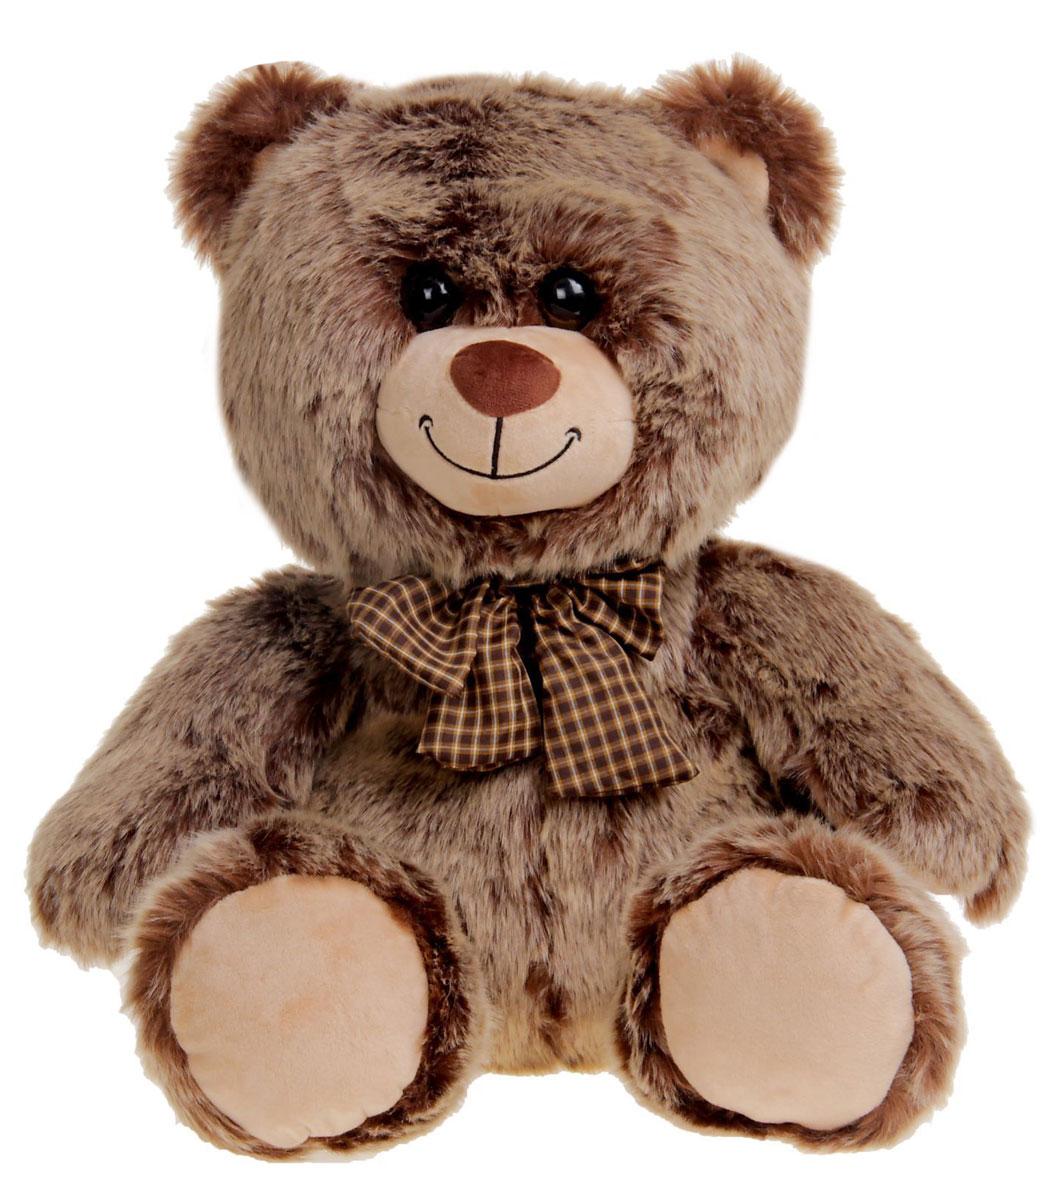 СмолТойс Мягкая игрушка Медвежонок Ваня 40 см мягкая игрушка смолтойс медвежонок тедди коричневый 30 см